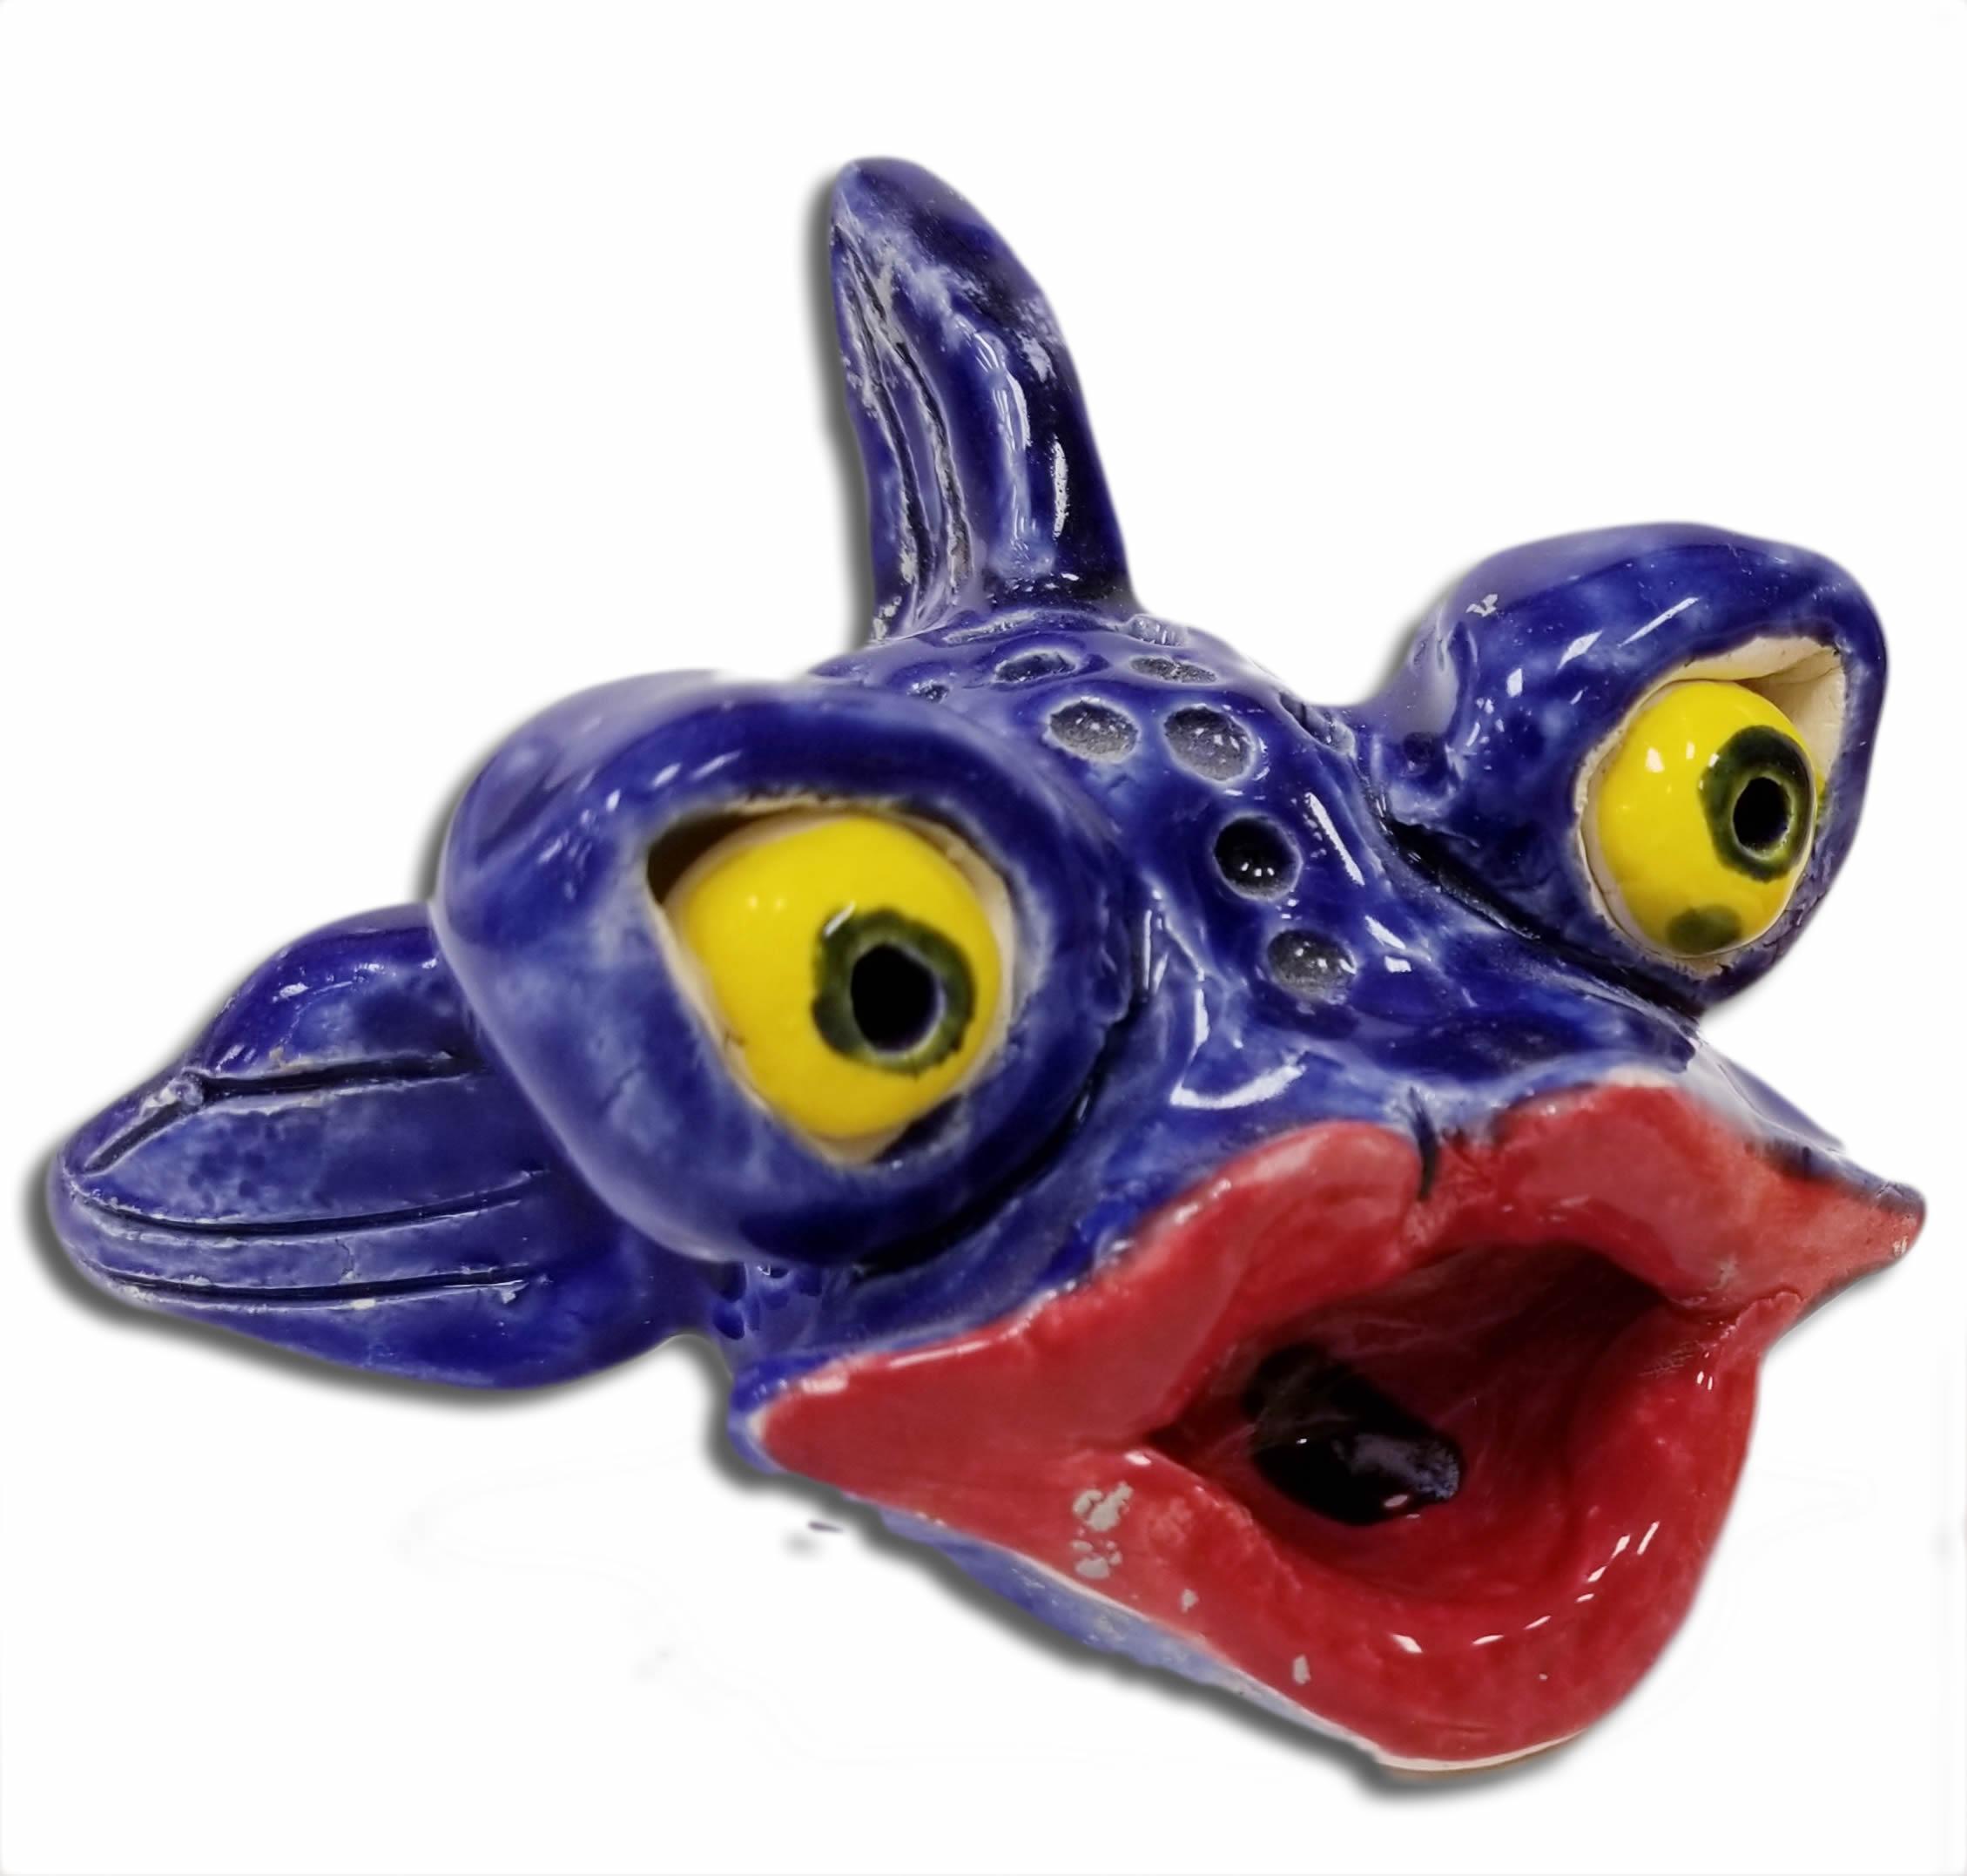 r hubbs fish.jpg